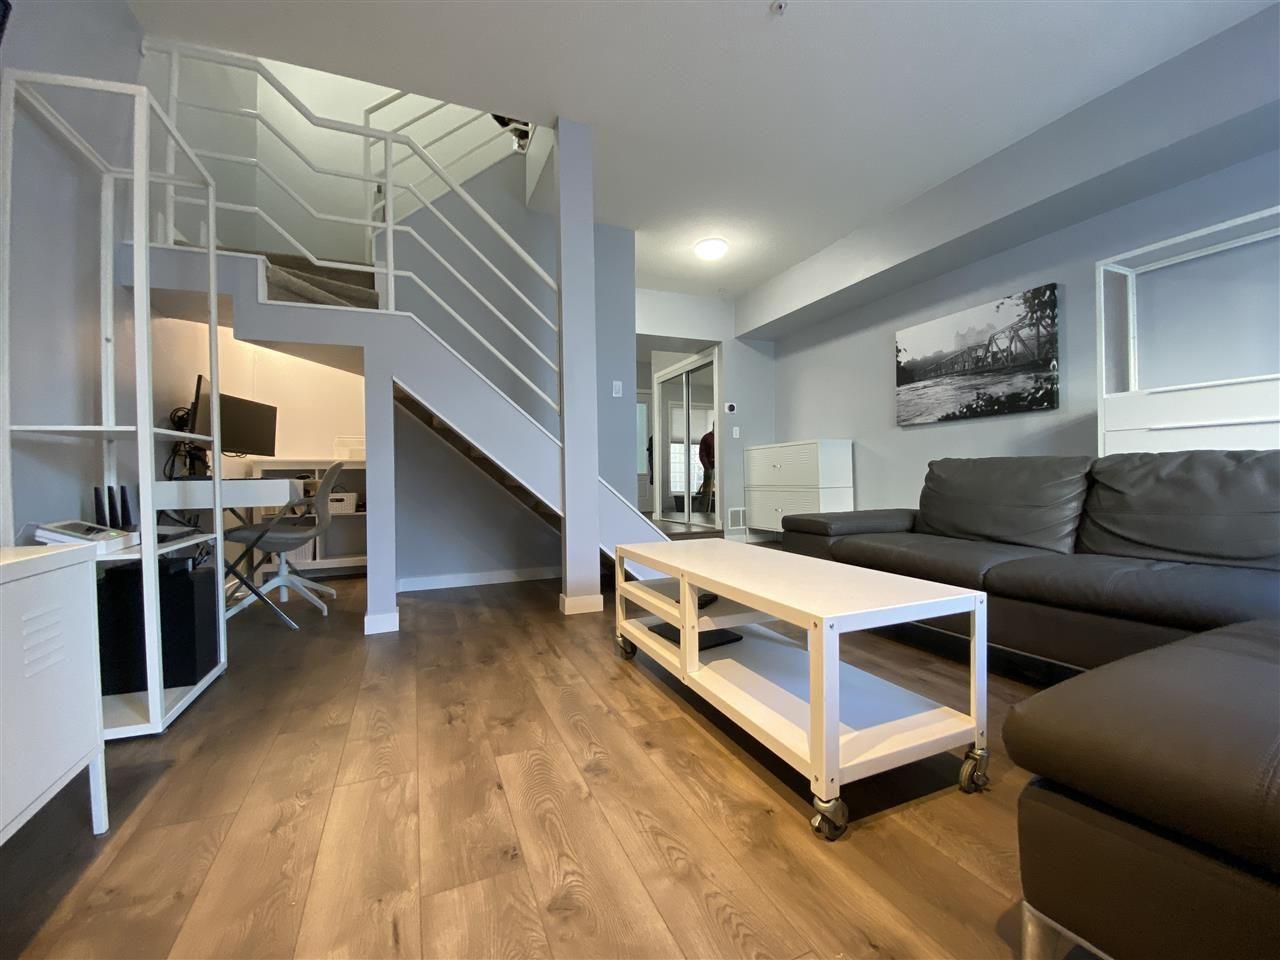 Main Photo: 116 10717 83 Avenue in Edmonton: Zone 15 Condo for sale : MLS®# E4228997